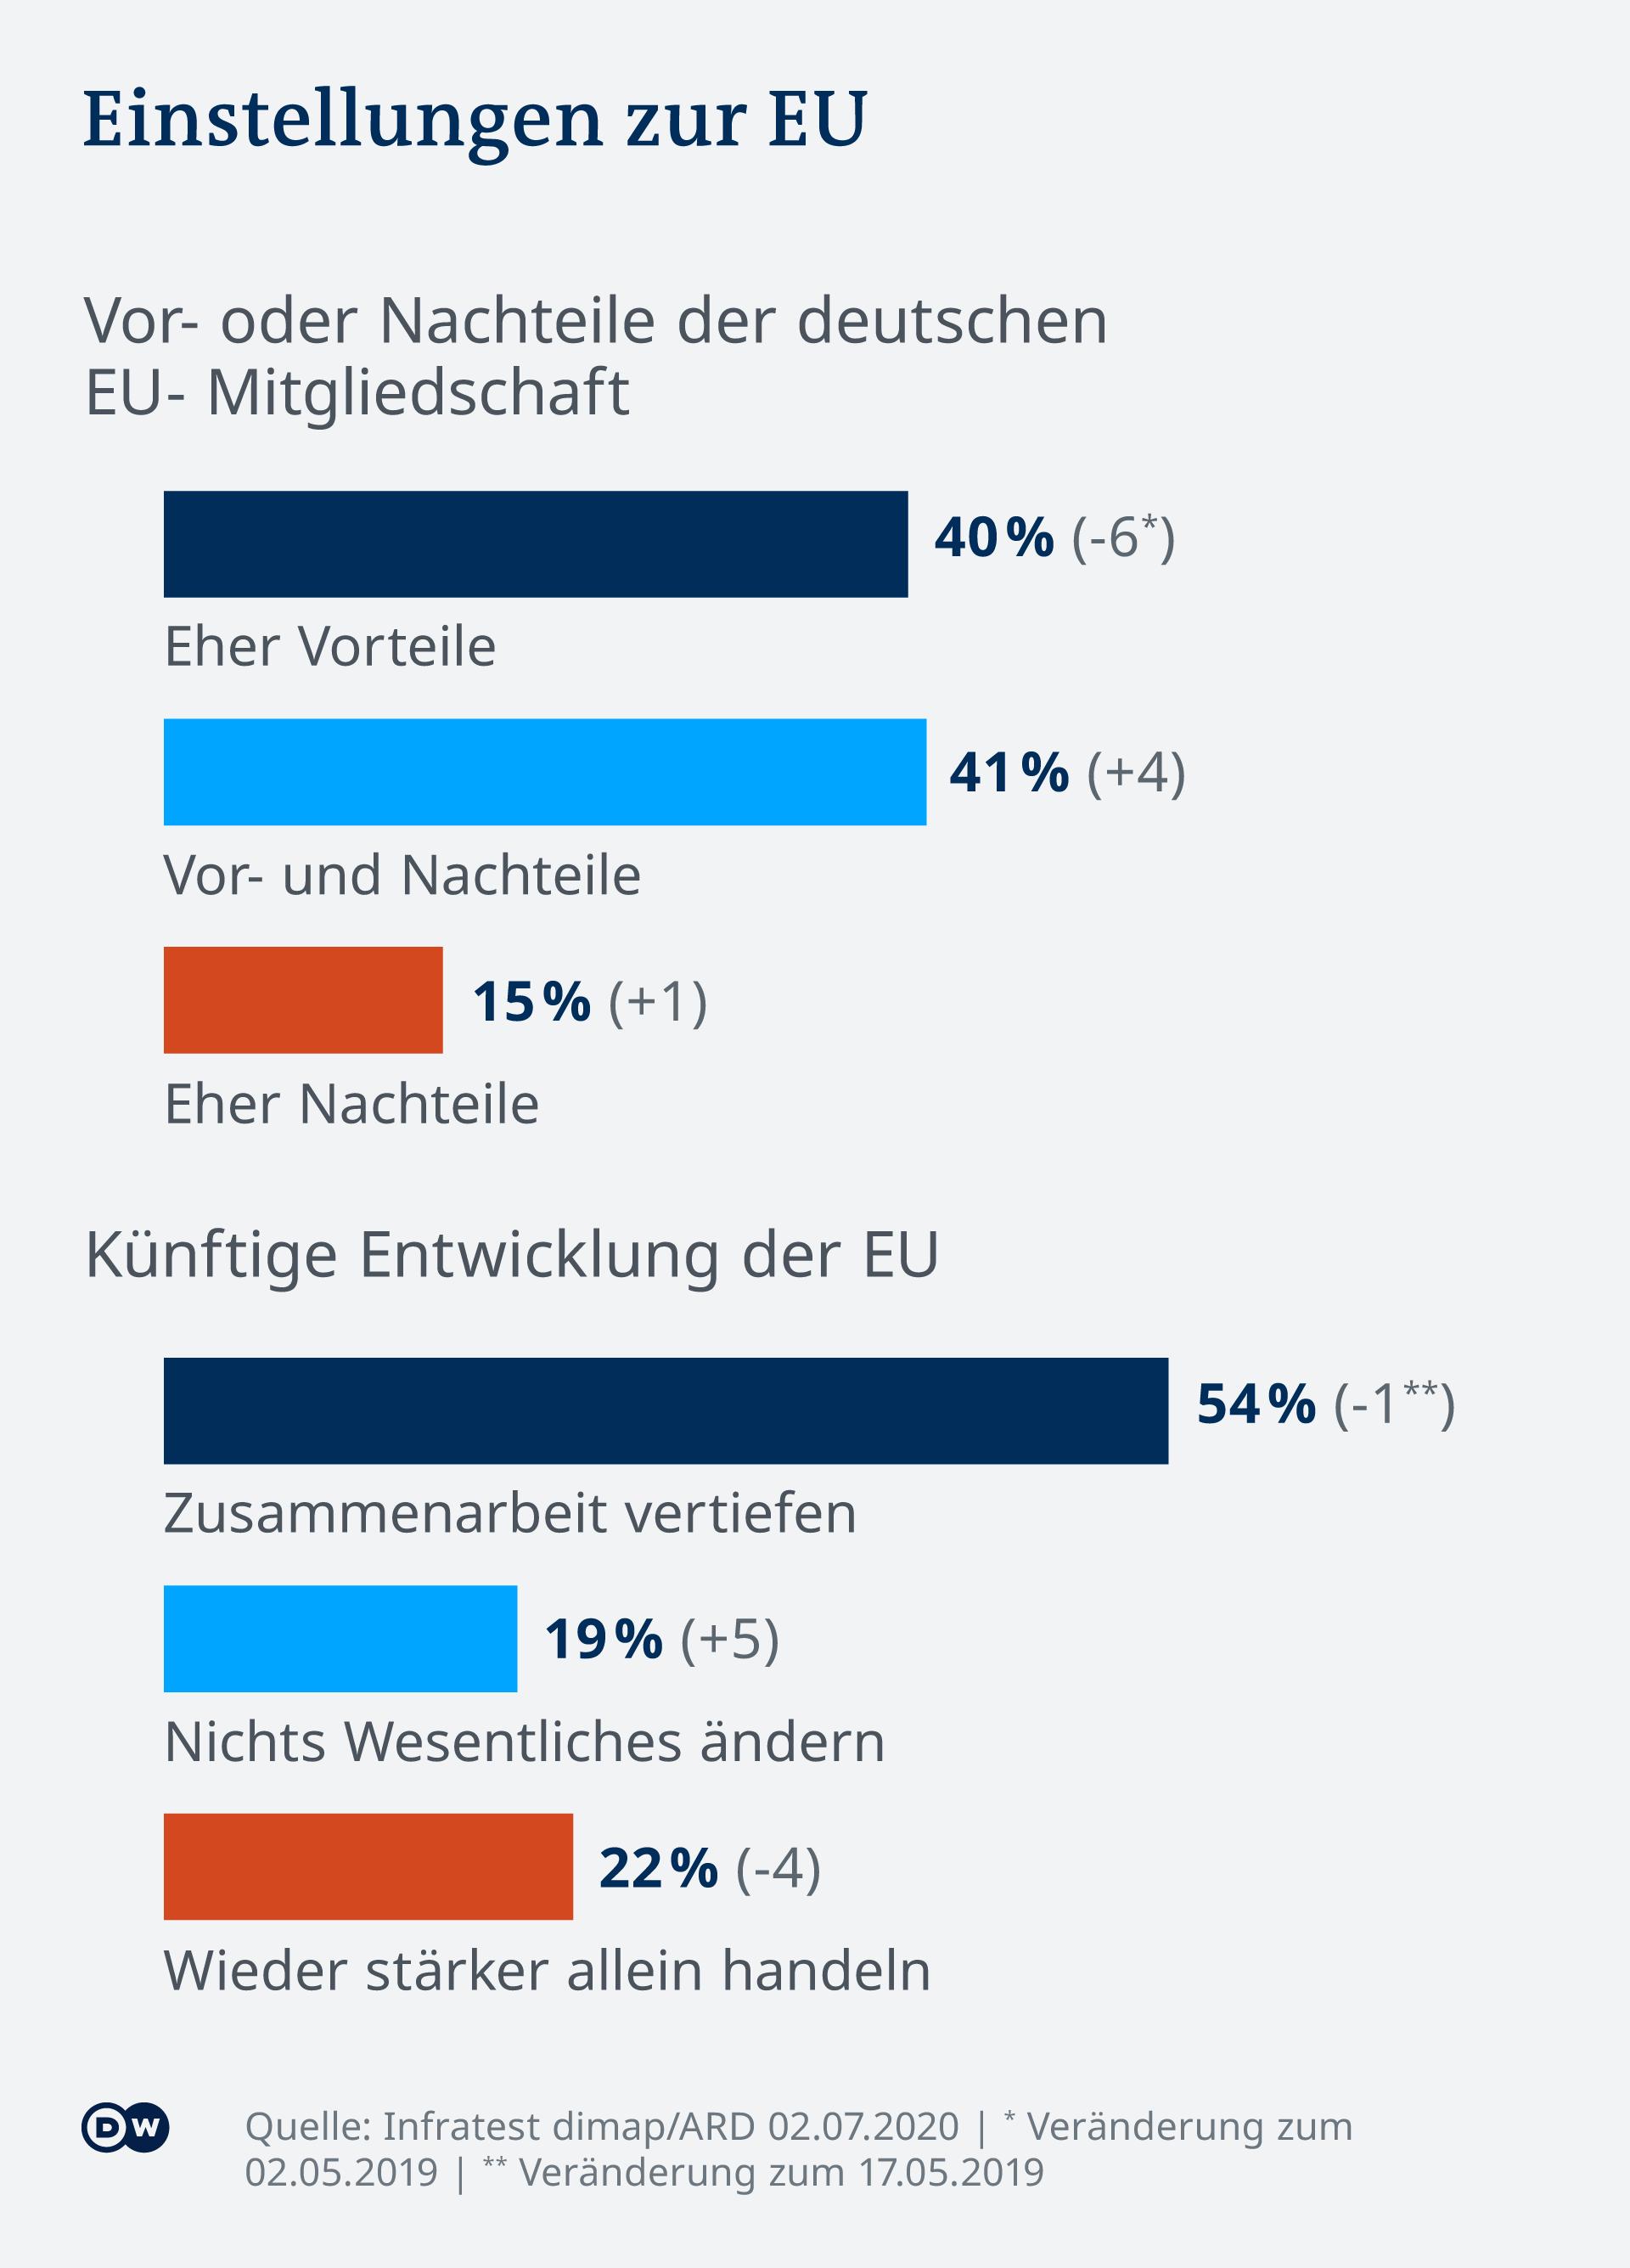 Infografik: Einstellungen zur EU